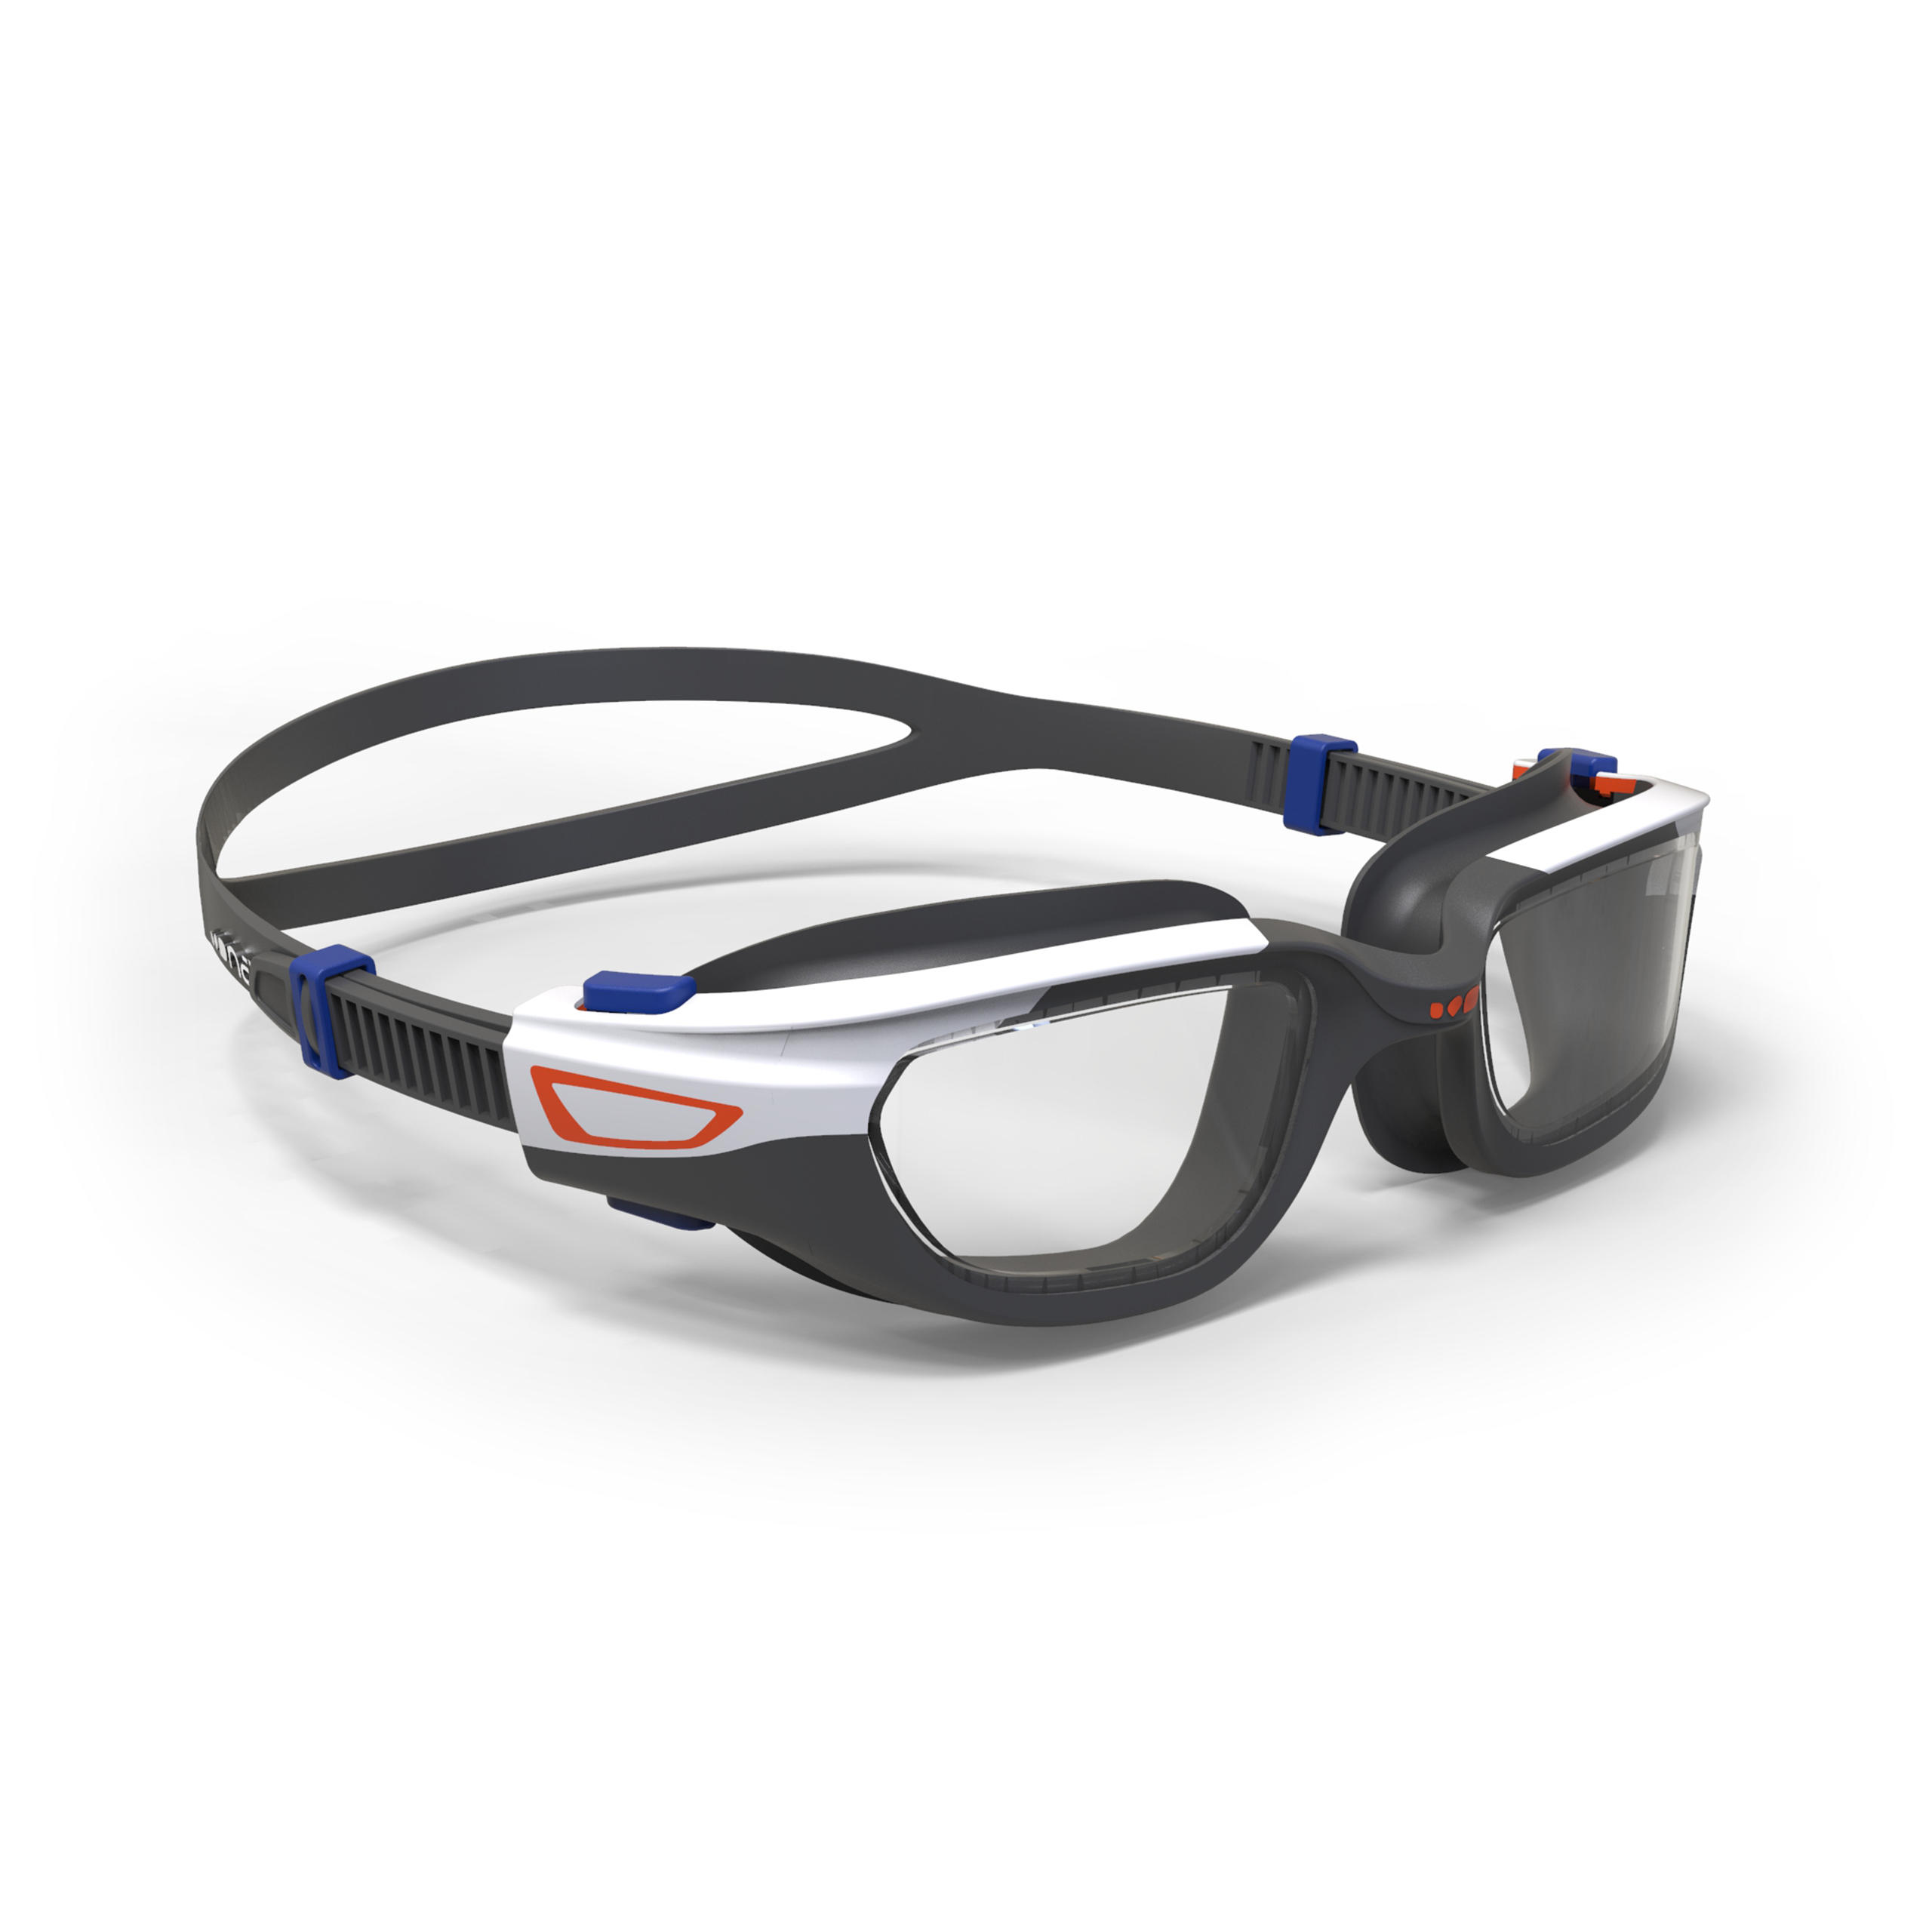 Gafas de natación 500 SPIRIT Talla S Naranja Azul cristales claros